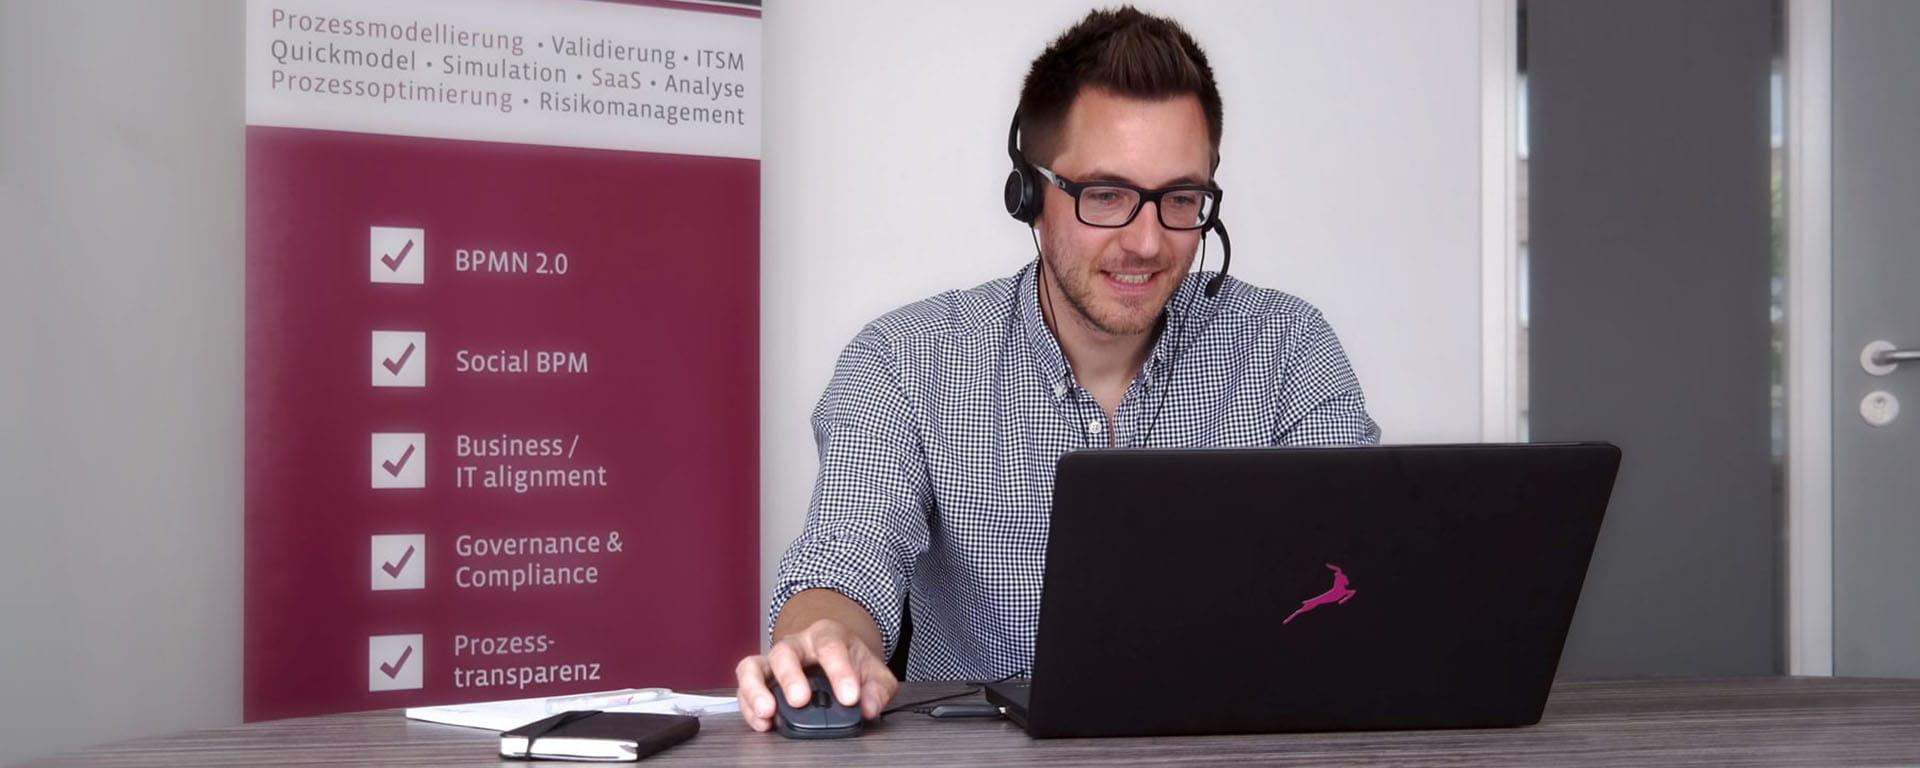 Erfahrener Webinar Referent vor Computer